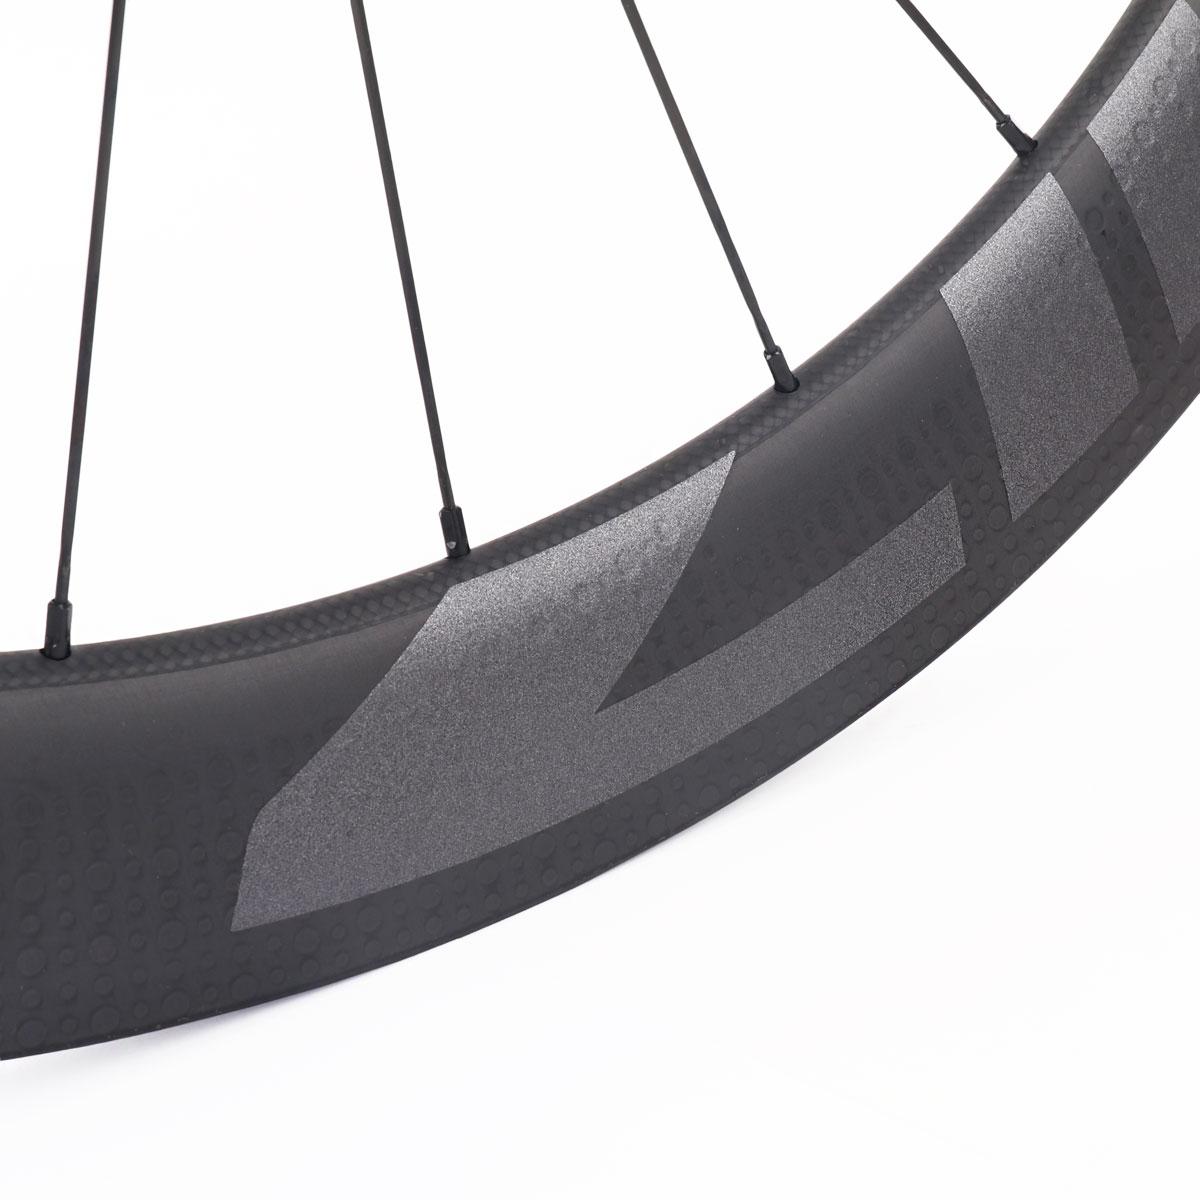 Bild von ZIPP 404 Firecrest Carbon Hinterrad - Tubeless - Centerlock - 12x142mm - schwarz